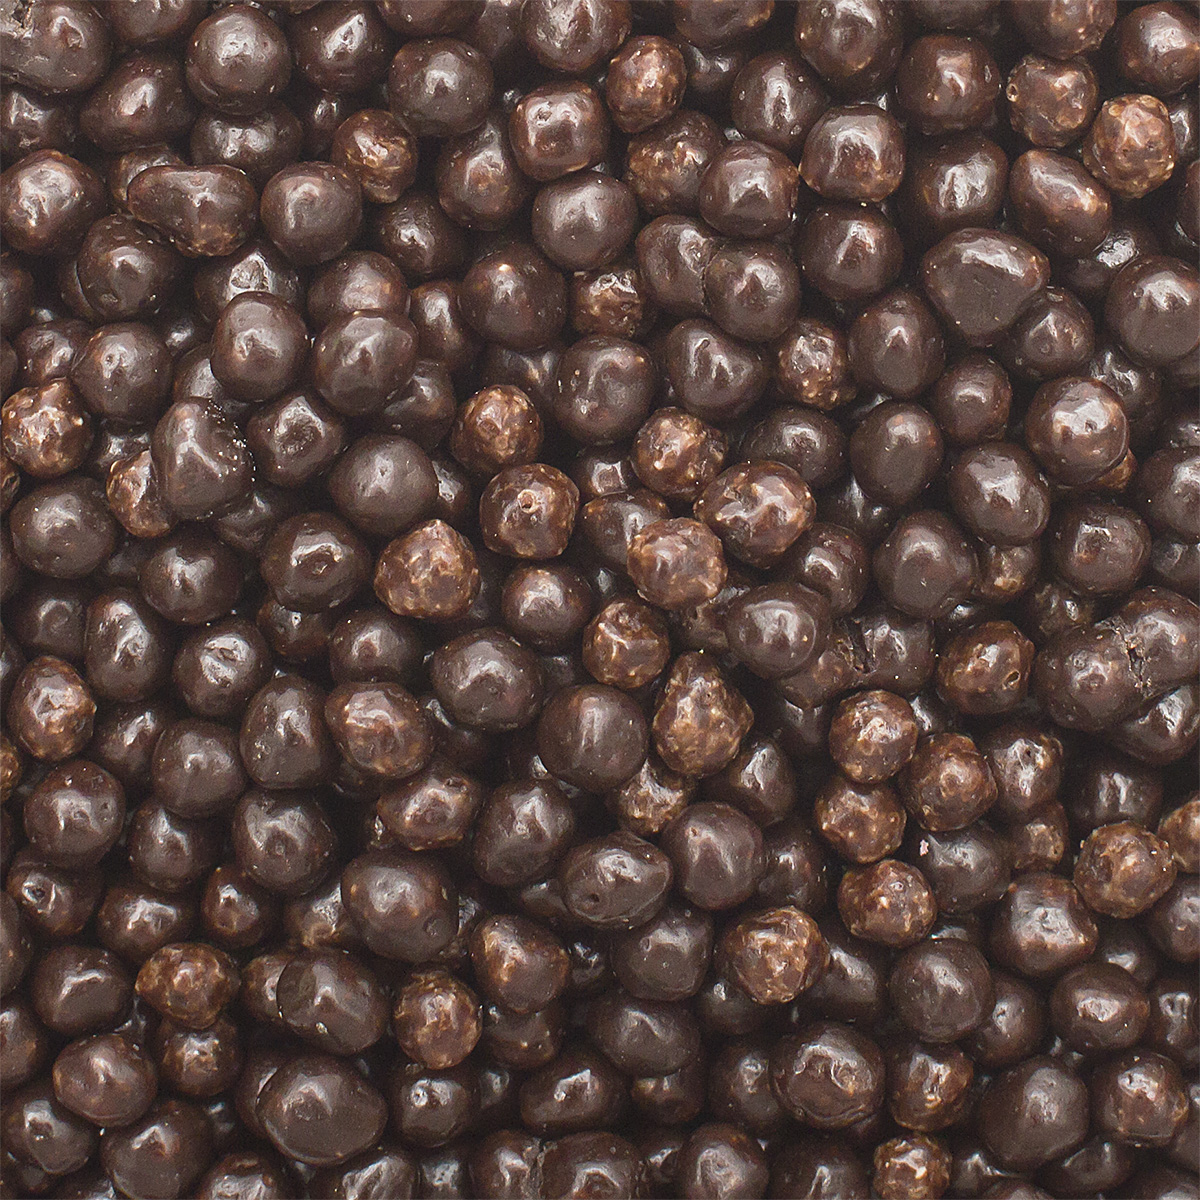 Рисовые шарики (2-4 мм) в темной шоколадной глазури, 250 г